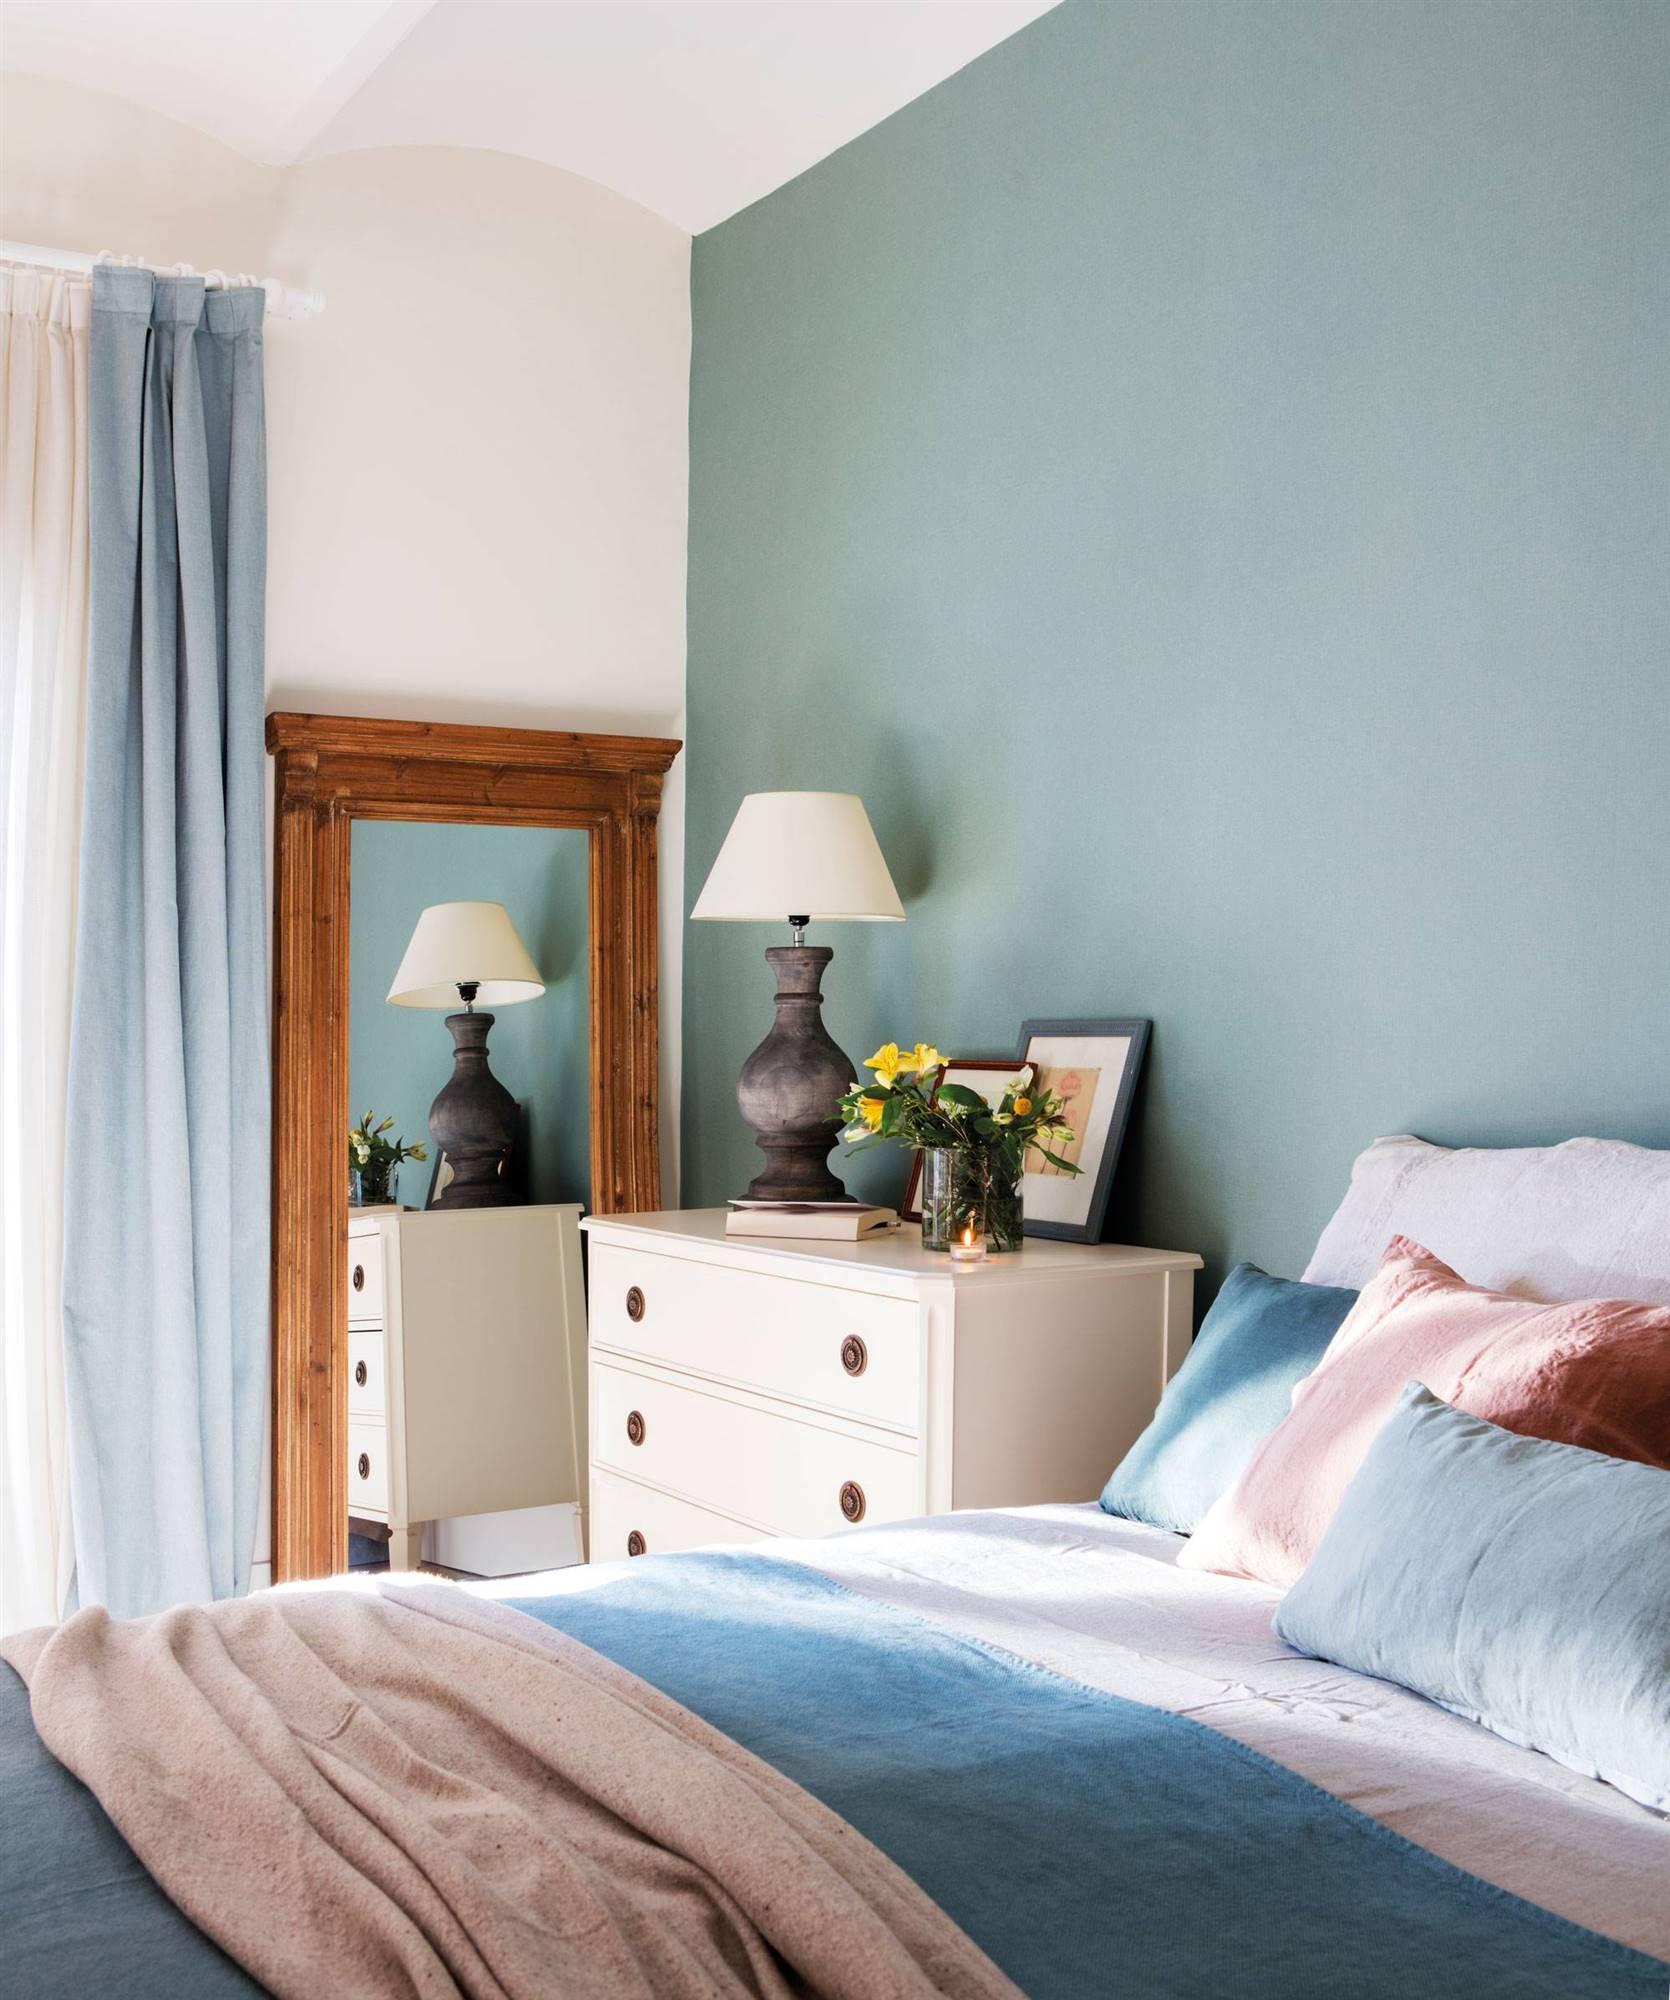 20 dormitorios azules para dormir bien - Imagenes para dormitorios ...